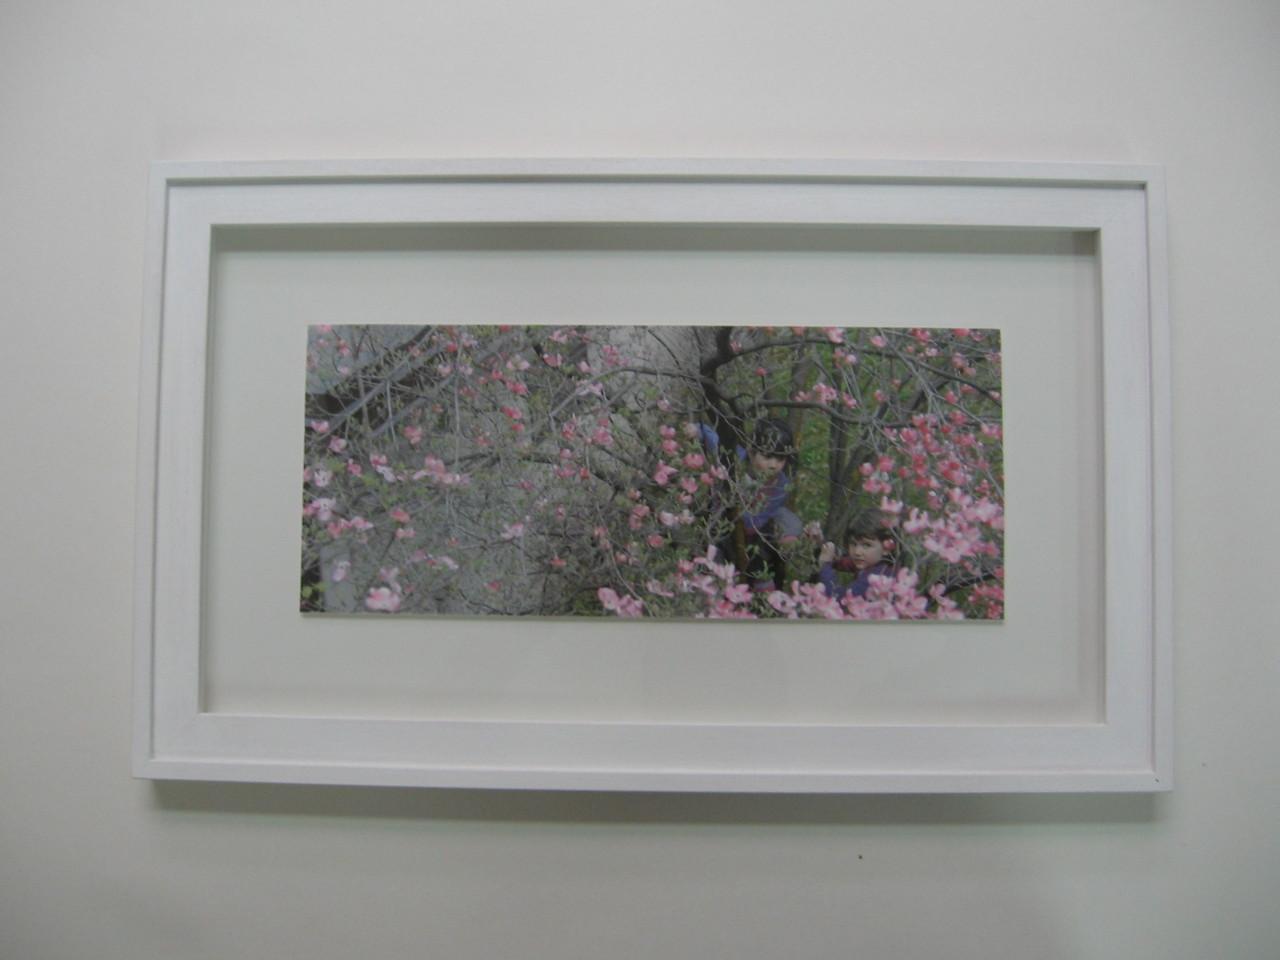 Foto a colori con cornice sagomata bianca e passepartout a smusso.